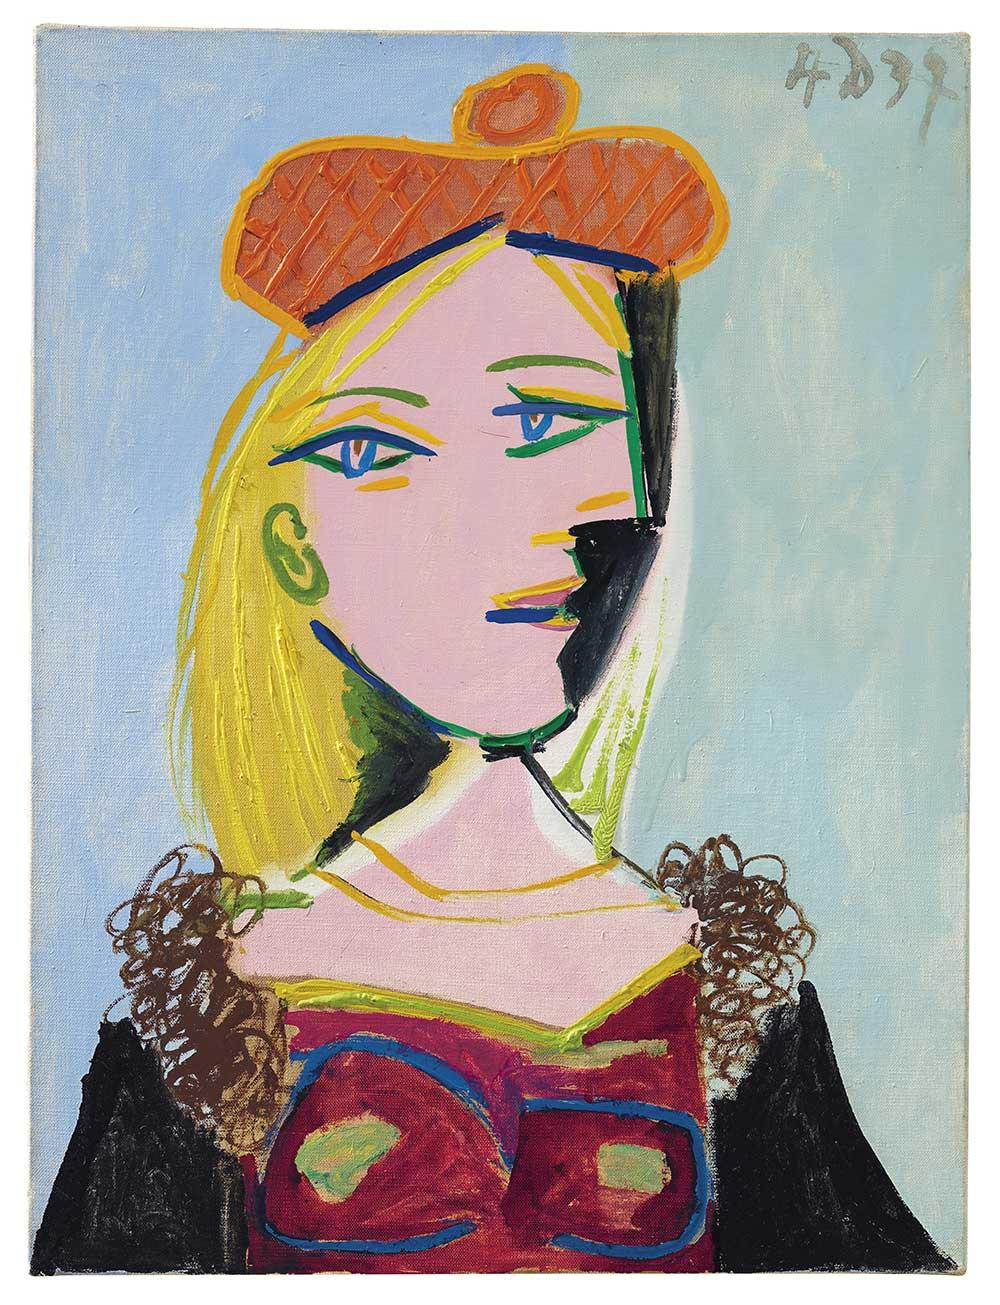 Pablo Picasso,《Femme au béret orange et au col de fourrure (Marie‐Thérèse)》,4 December 1937。預估價1500-2000萬美元。圖/佳士得提供。